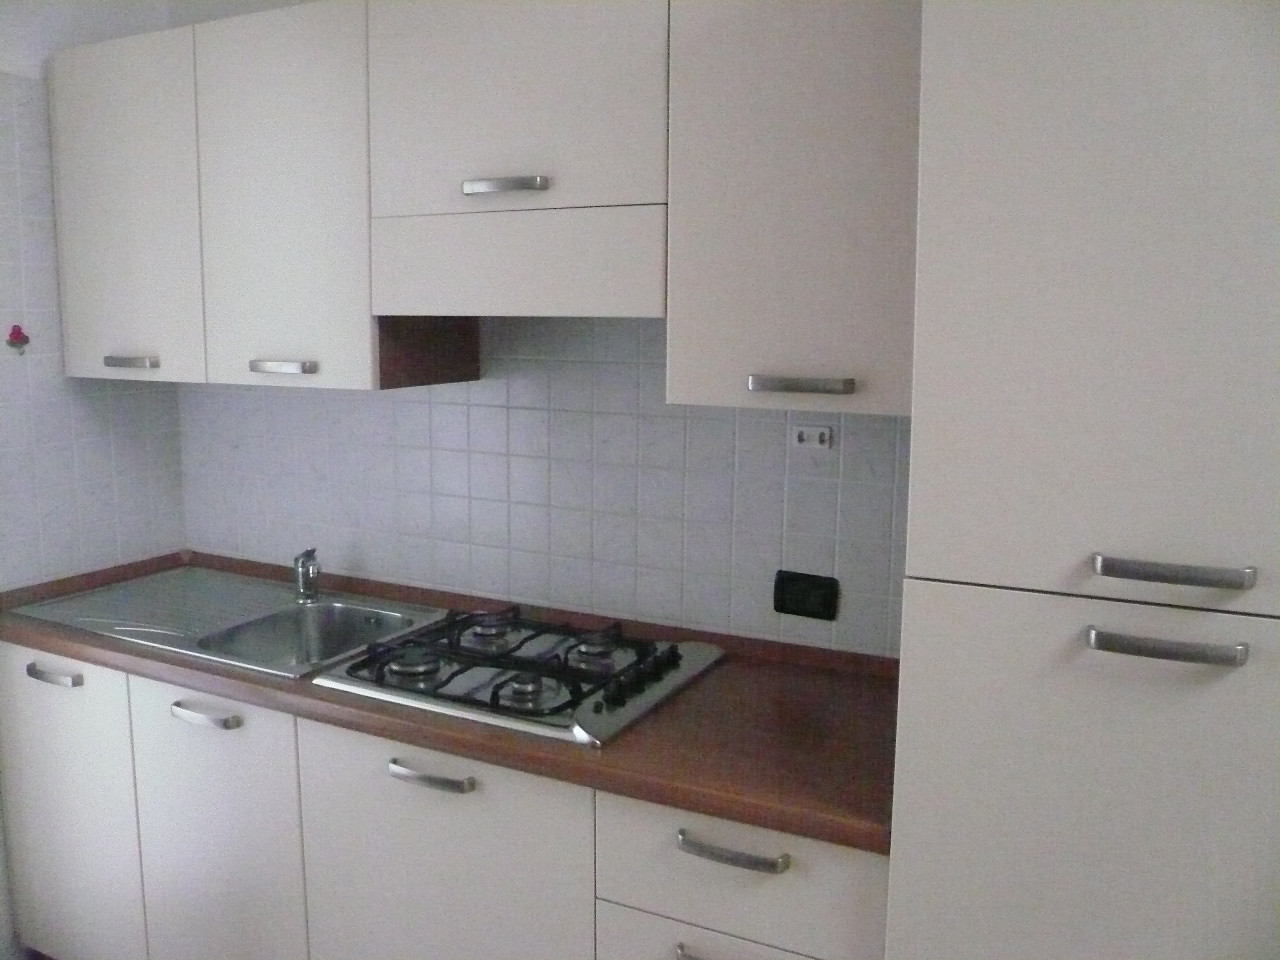 Appartamento in vendita a Spresiano, 4 locali, zona Località: Centro, prezzo € 110.000 | Cambio Casa.it